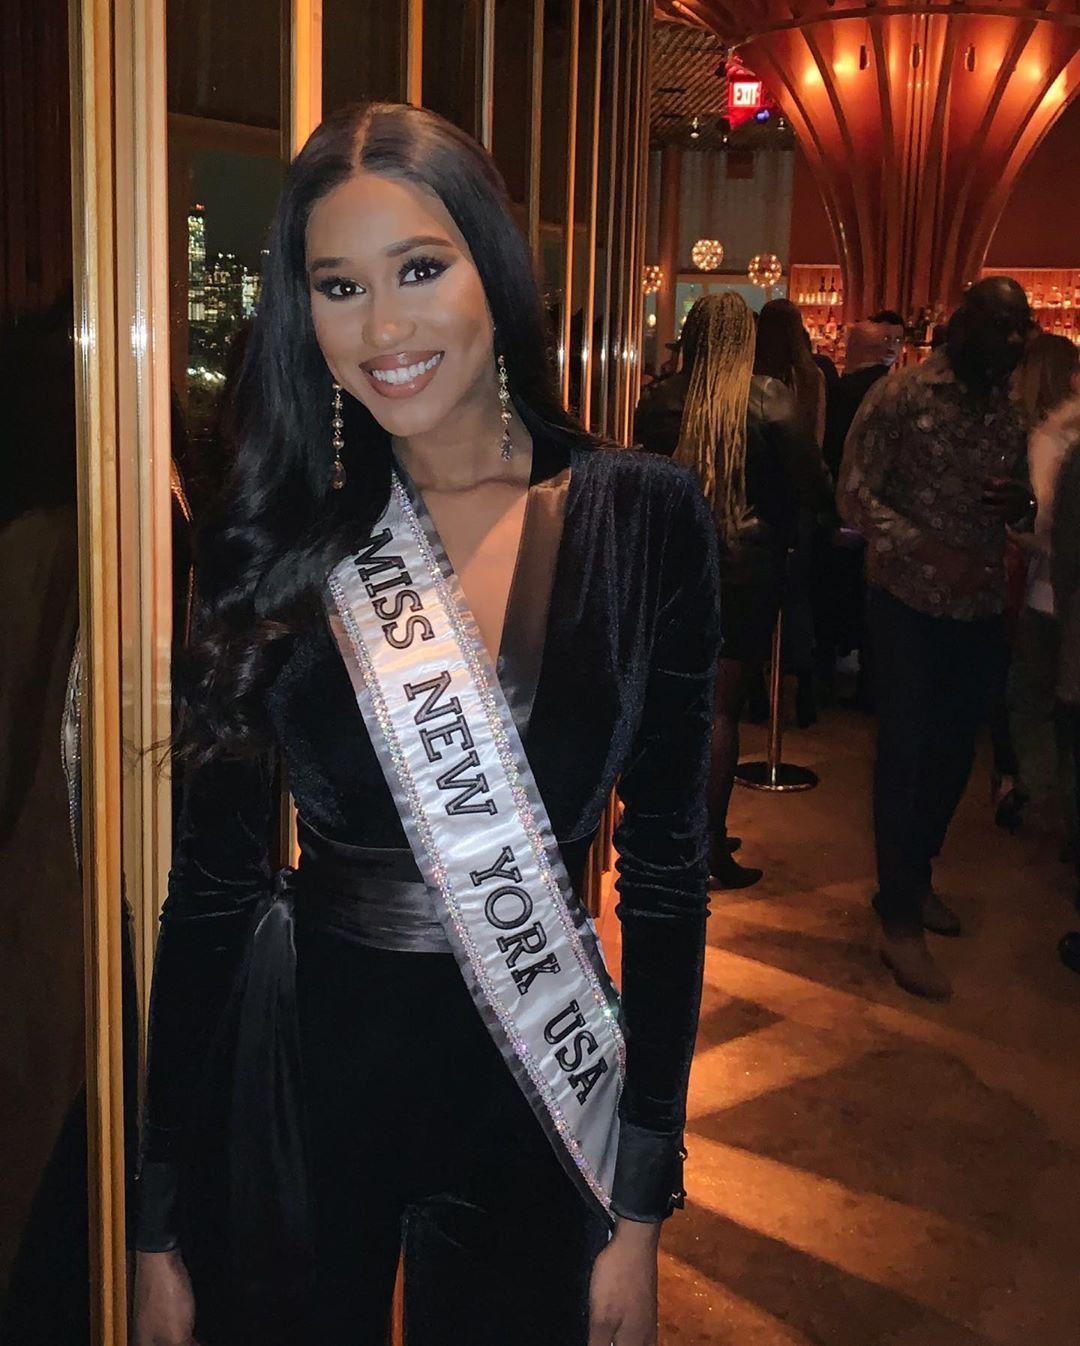 andreia gibau, top 10 de miss usa 2020/top 16 de miss earth 2017. - Página 15 83033610